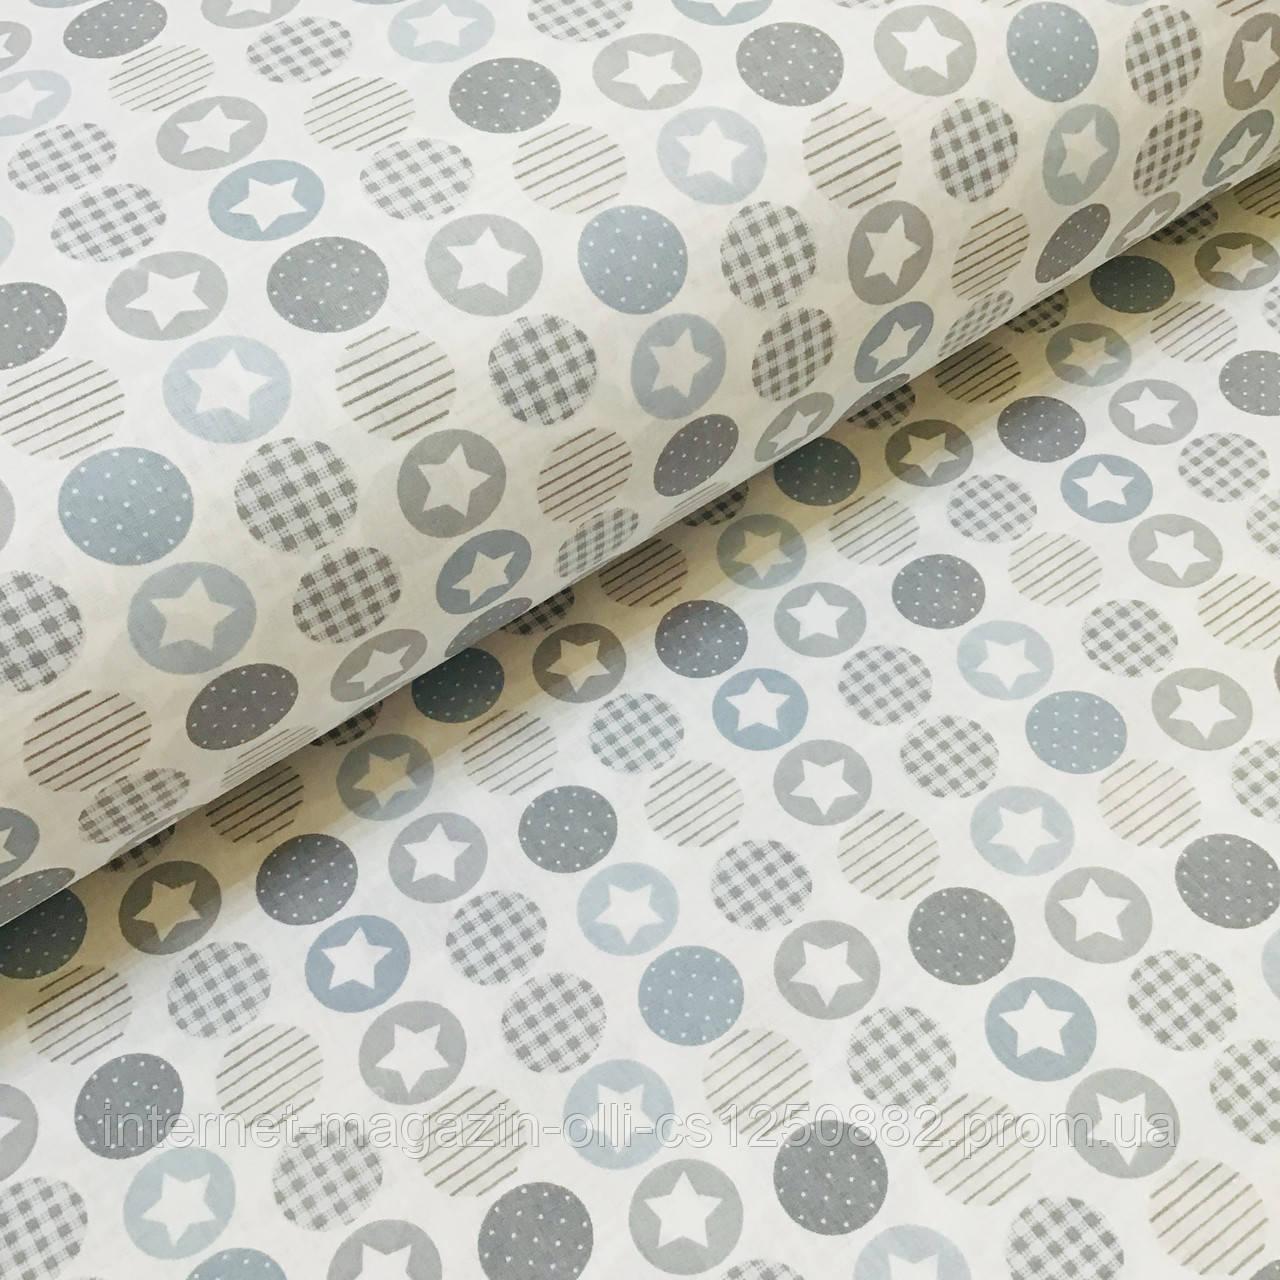 Ткань поплин звездочки серо-голубые в кружочках на белом (ТУРЦИЯ шир. 2,4 м) №34-91